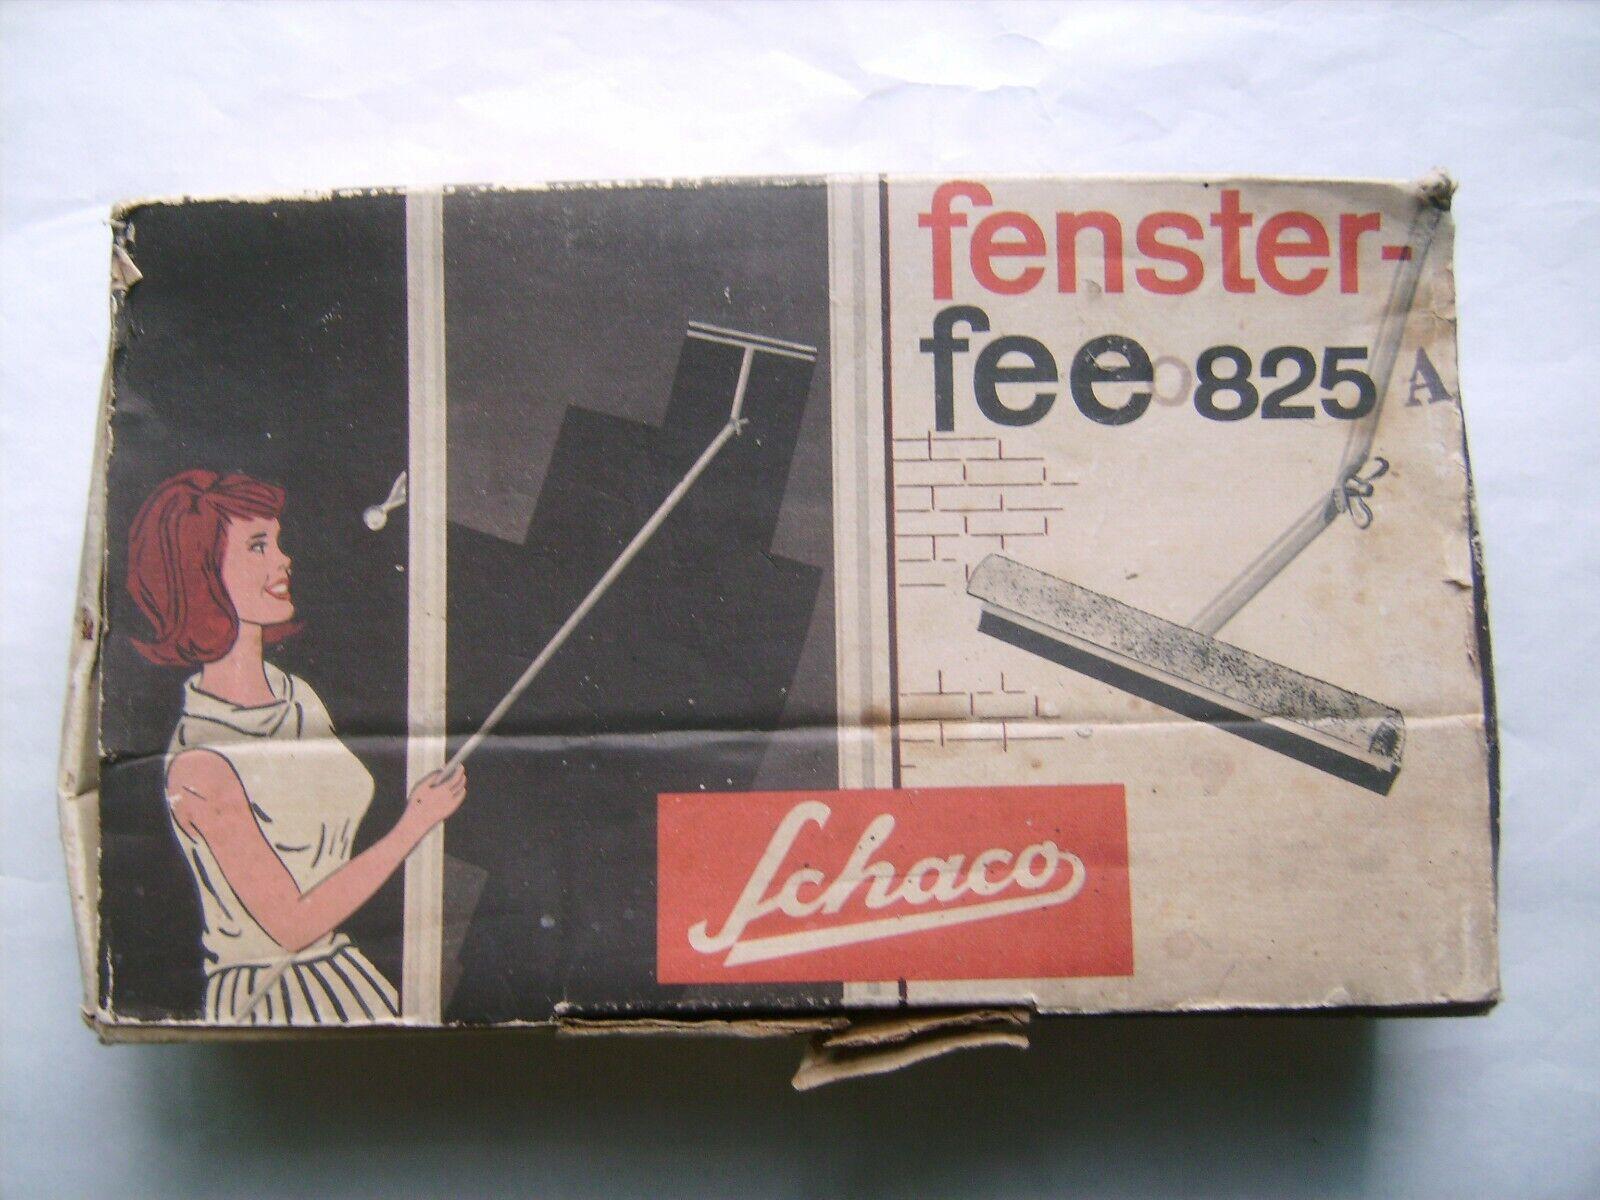 SCHUCO Fenster-Fee 825 A - sehr altes Original unbenutzt originalverpackt